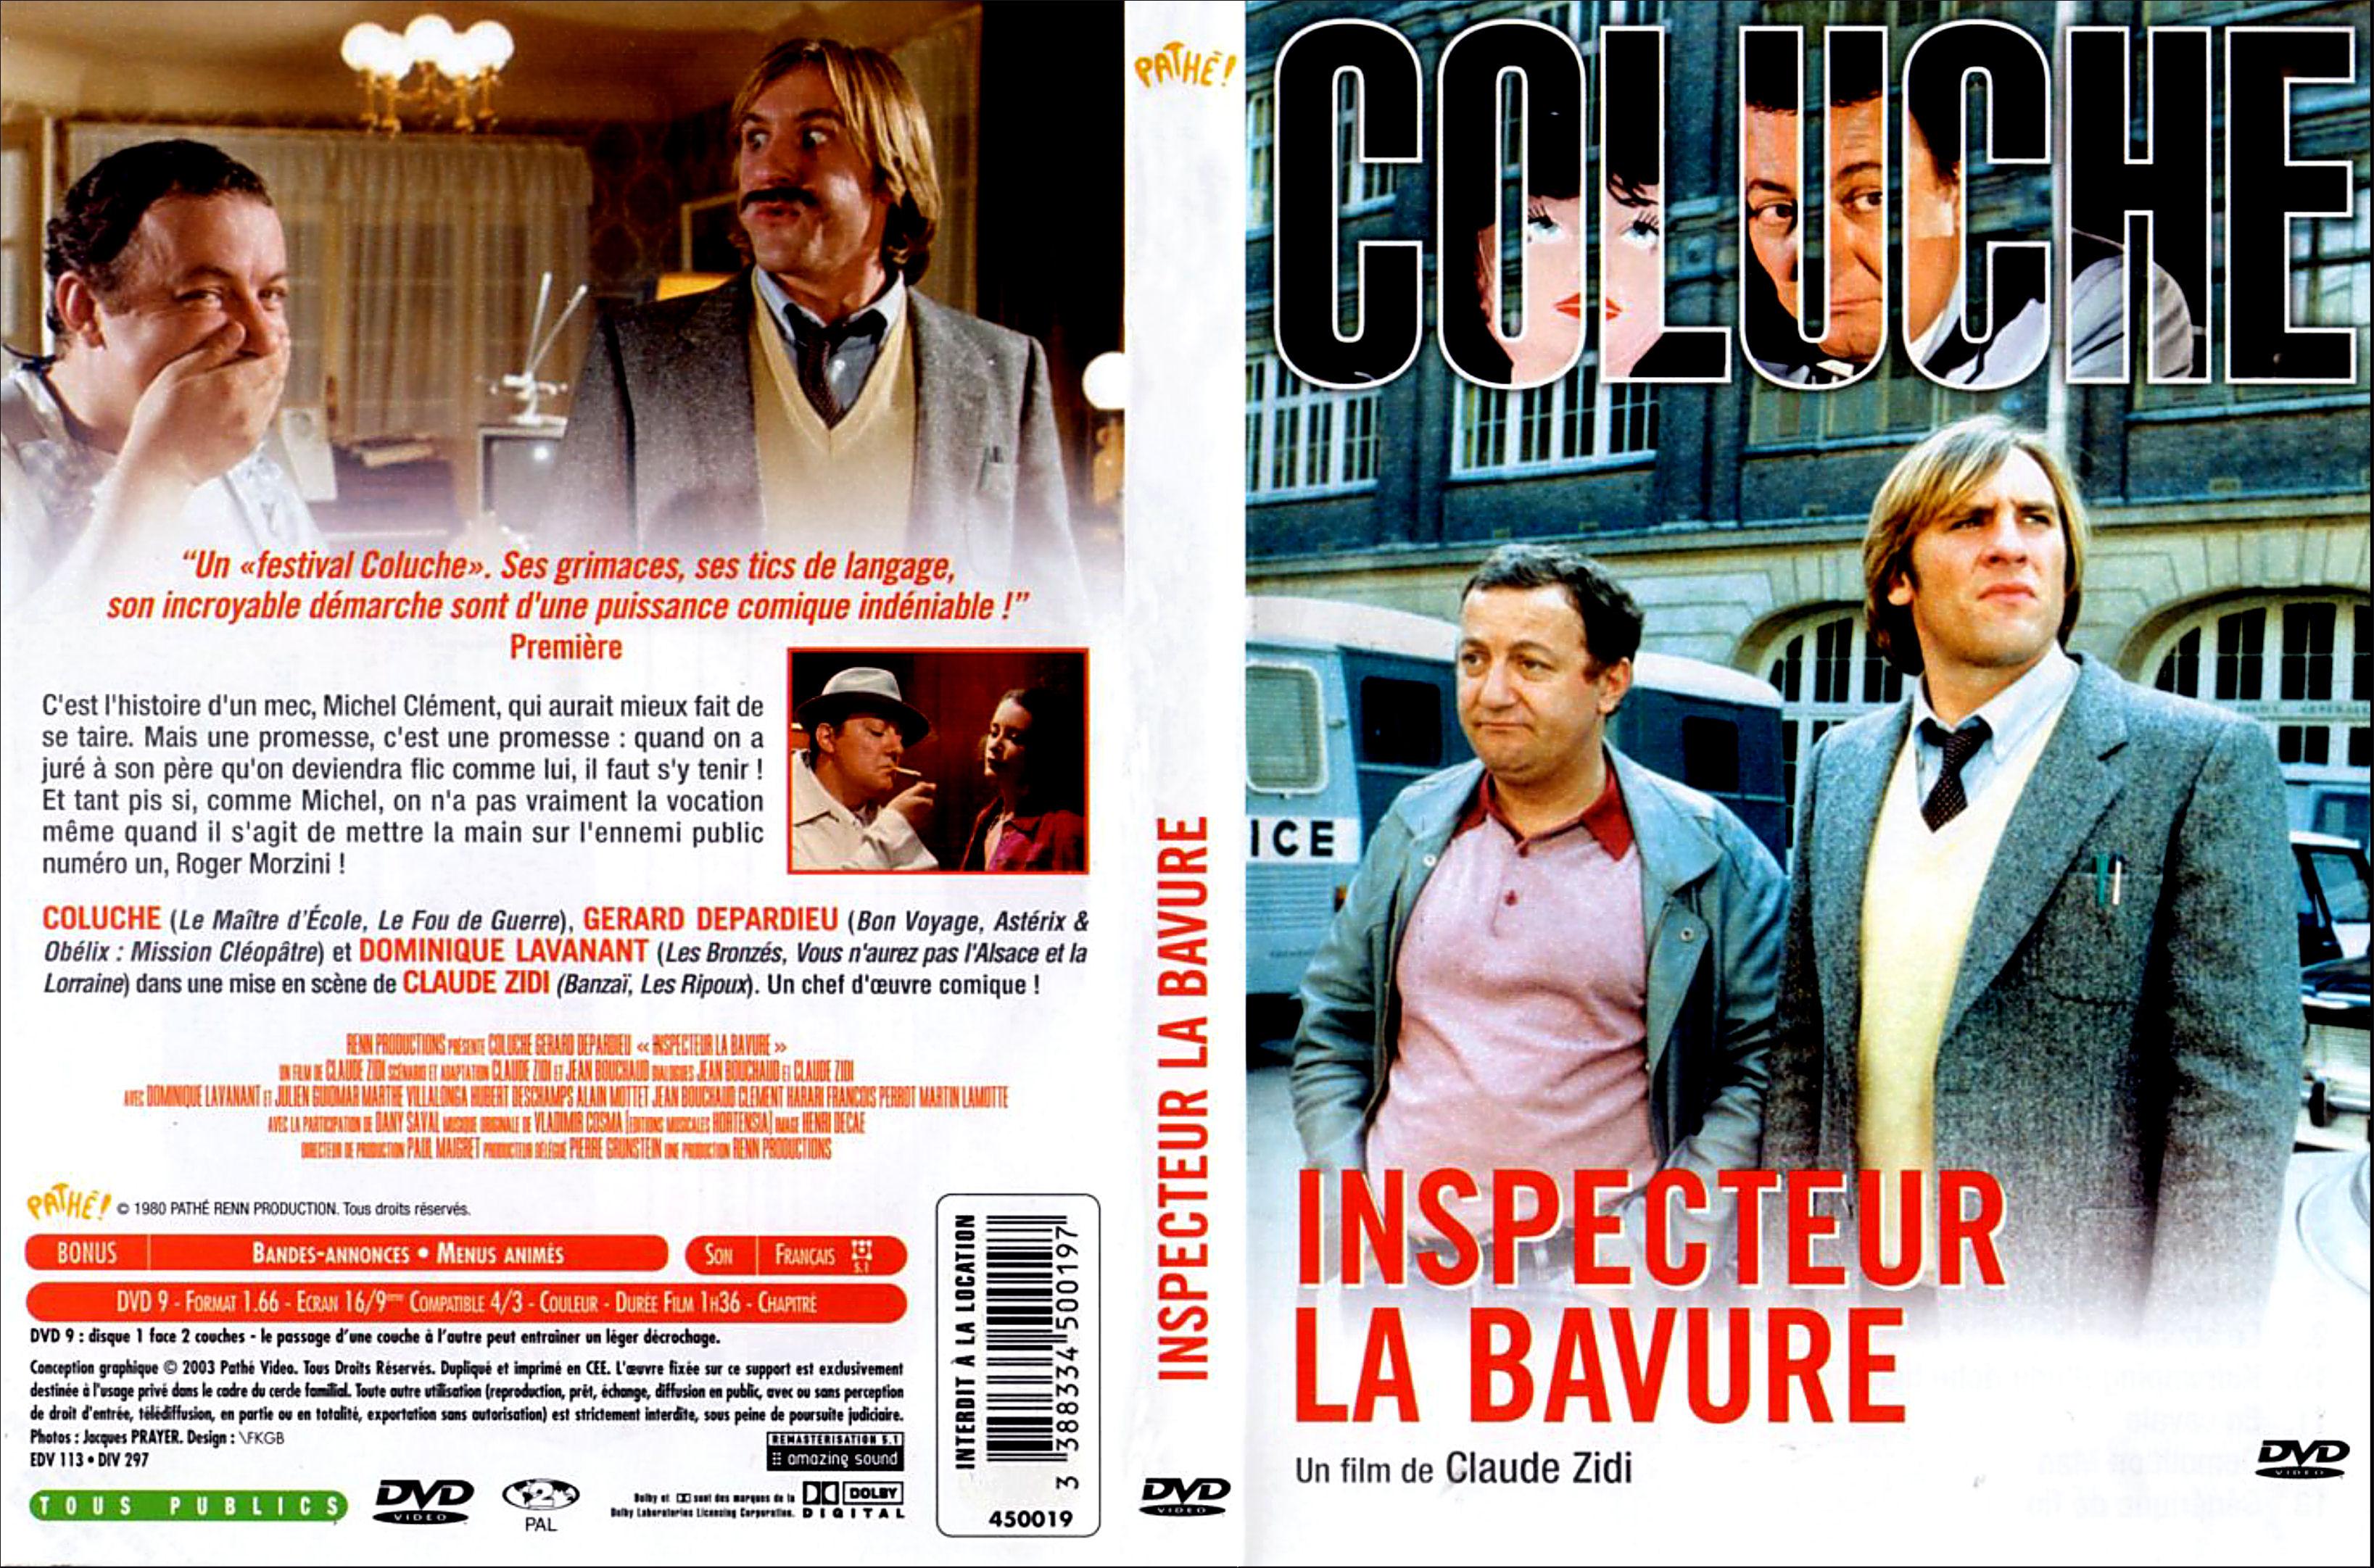 TÉLÉCHARGER FILM INSPECTEUR LA BAVURE